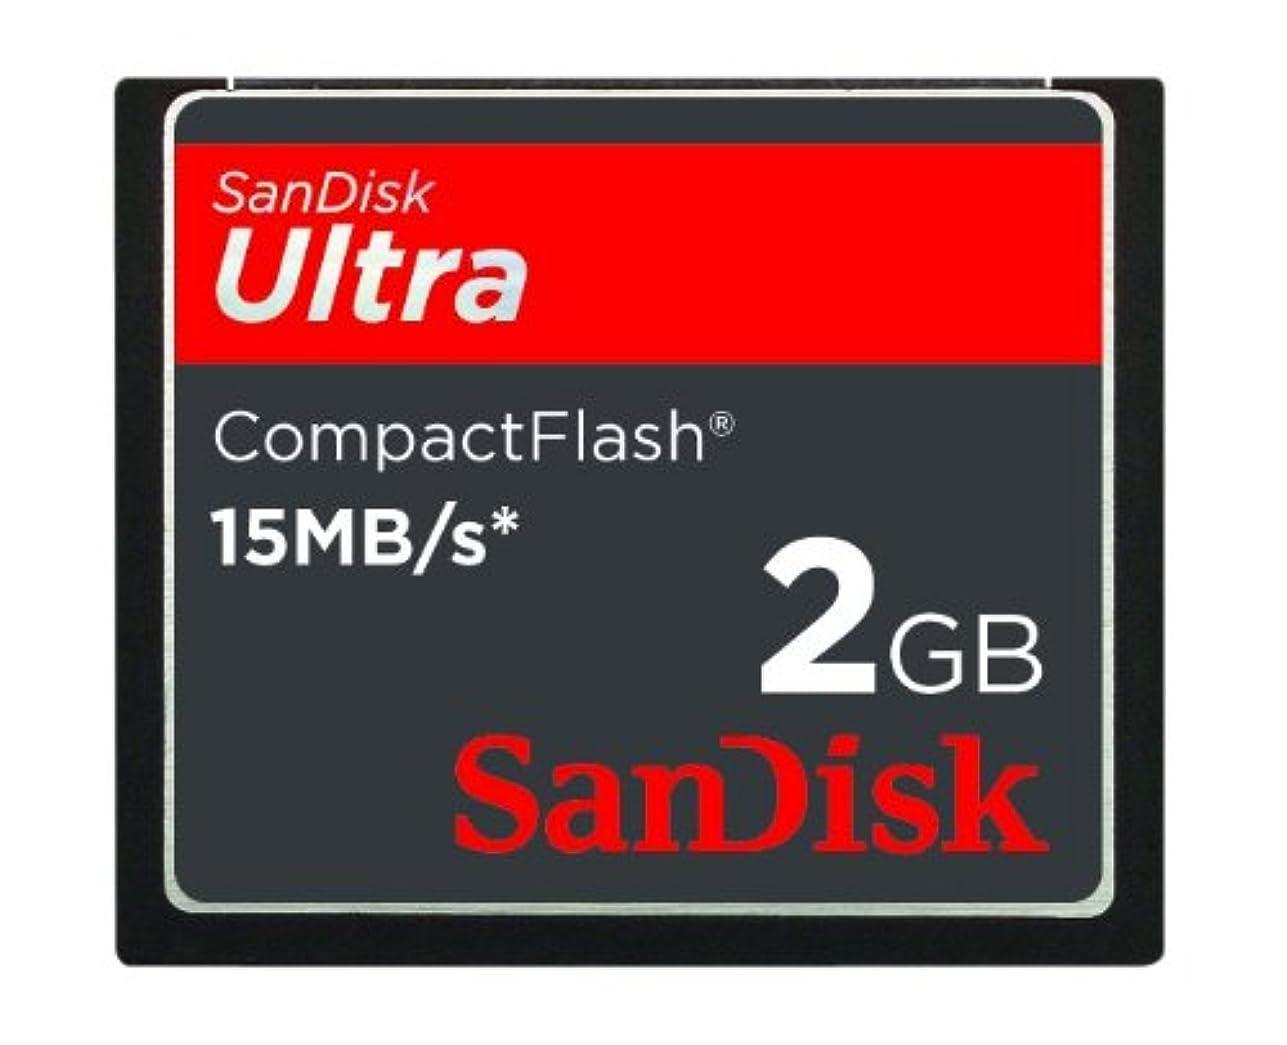 軽食クマノミ勧告SanDisk 2GB Ultra コンパクトフラッシュカード SDCFH-002G-A11 並行輸入品